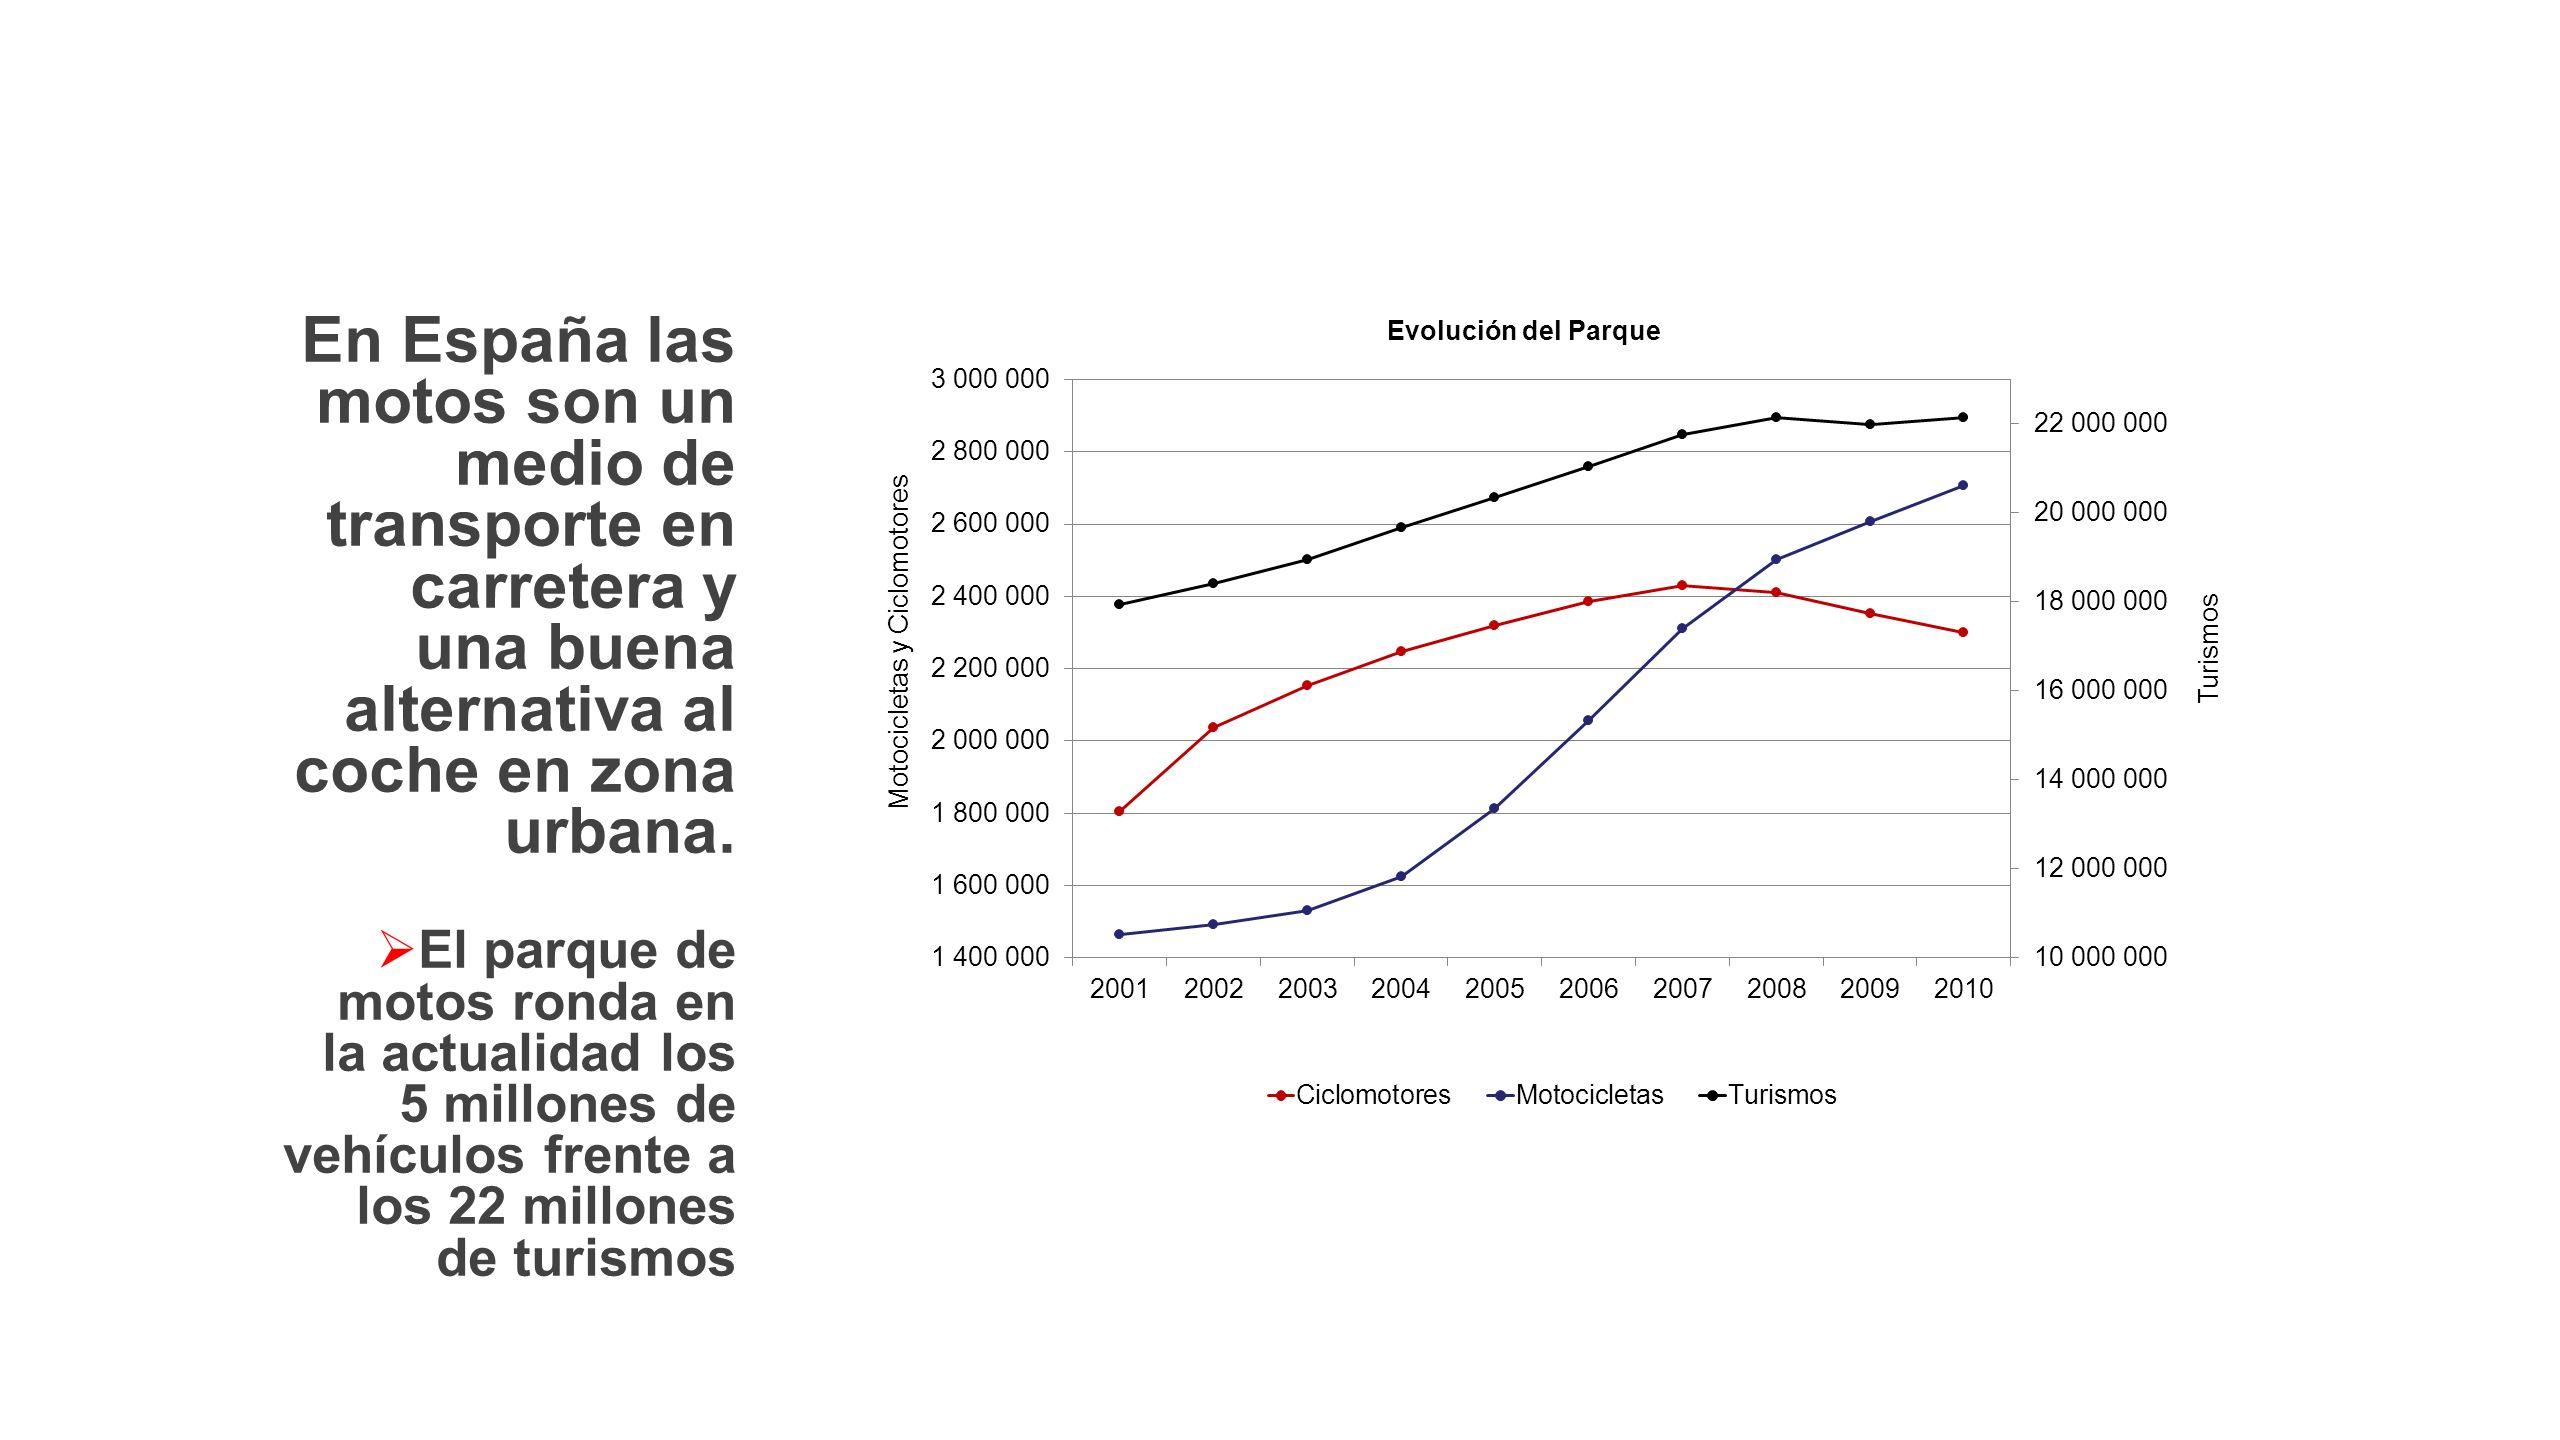 En España las motos son un medio de transporte en carretera y una buena alternativa al coche en zona urbana.